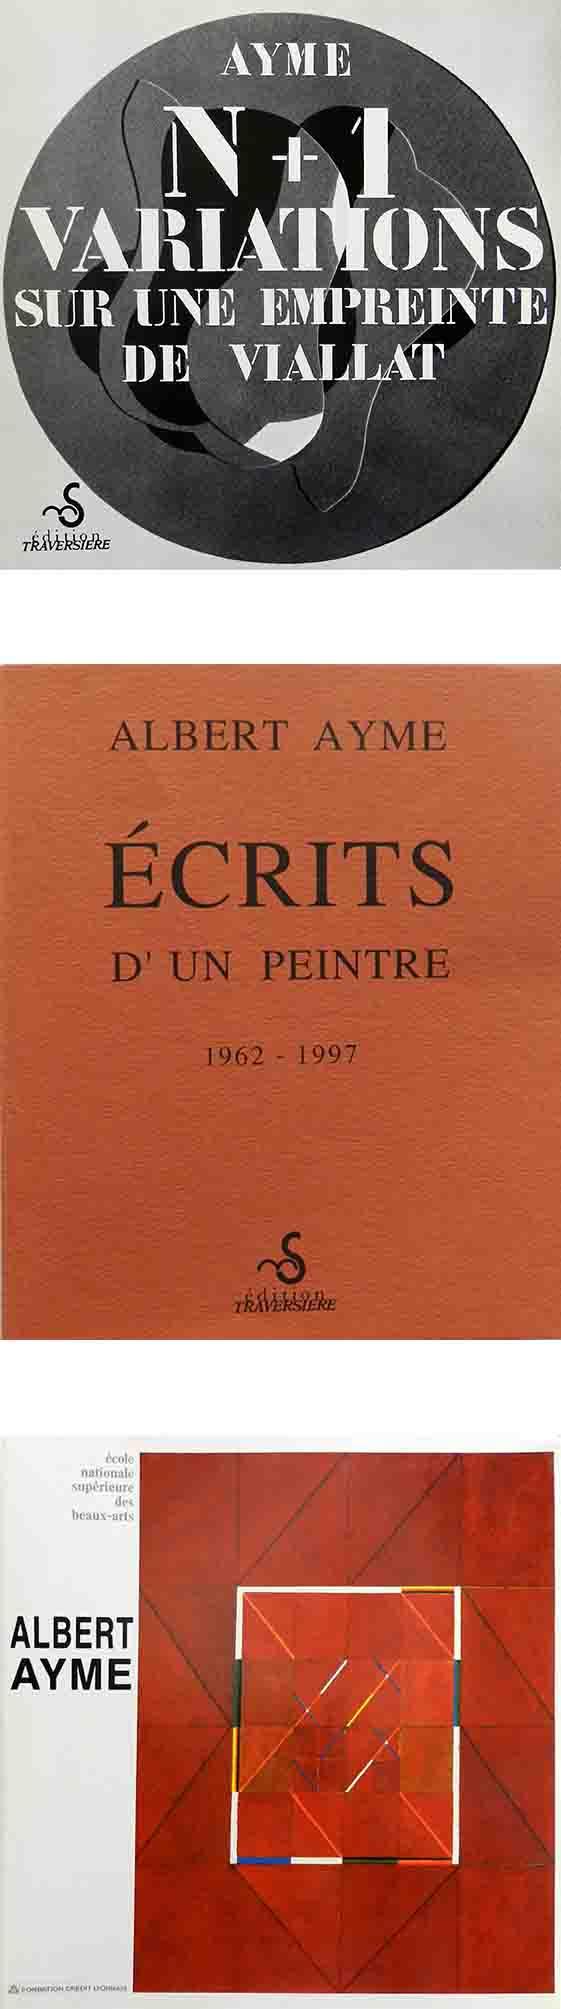 ALBERT AYME - N+1 VARIATIONS SUR  UNE EMPREINTE DEVIALLAT